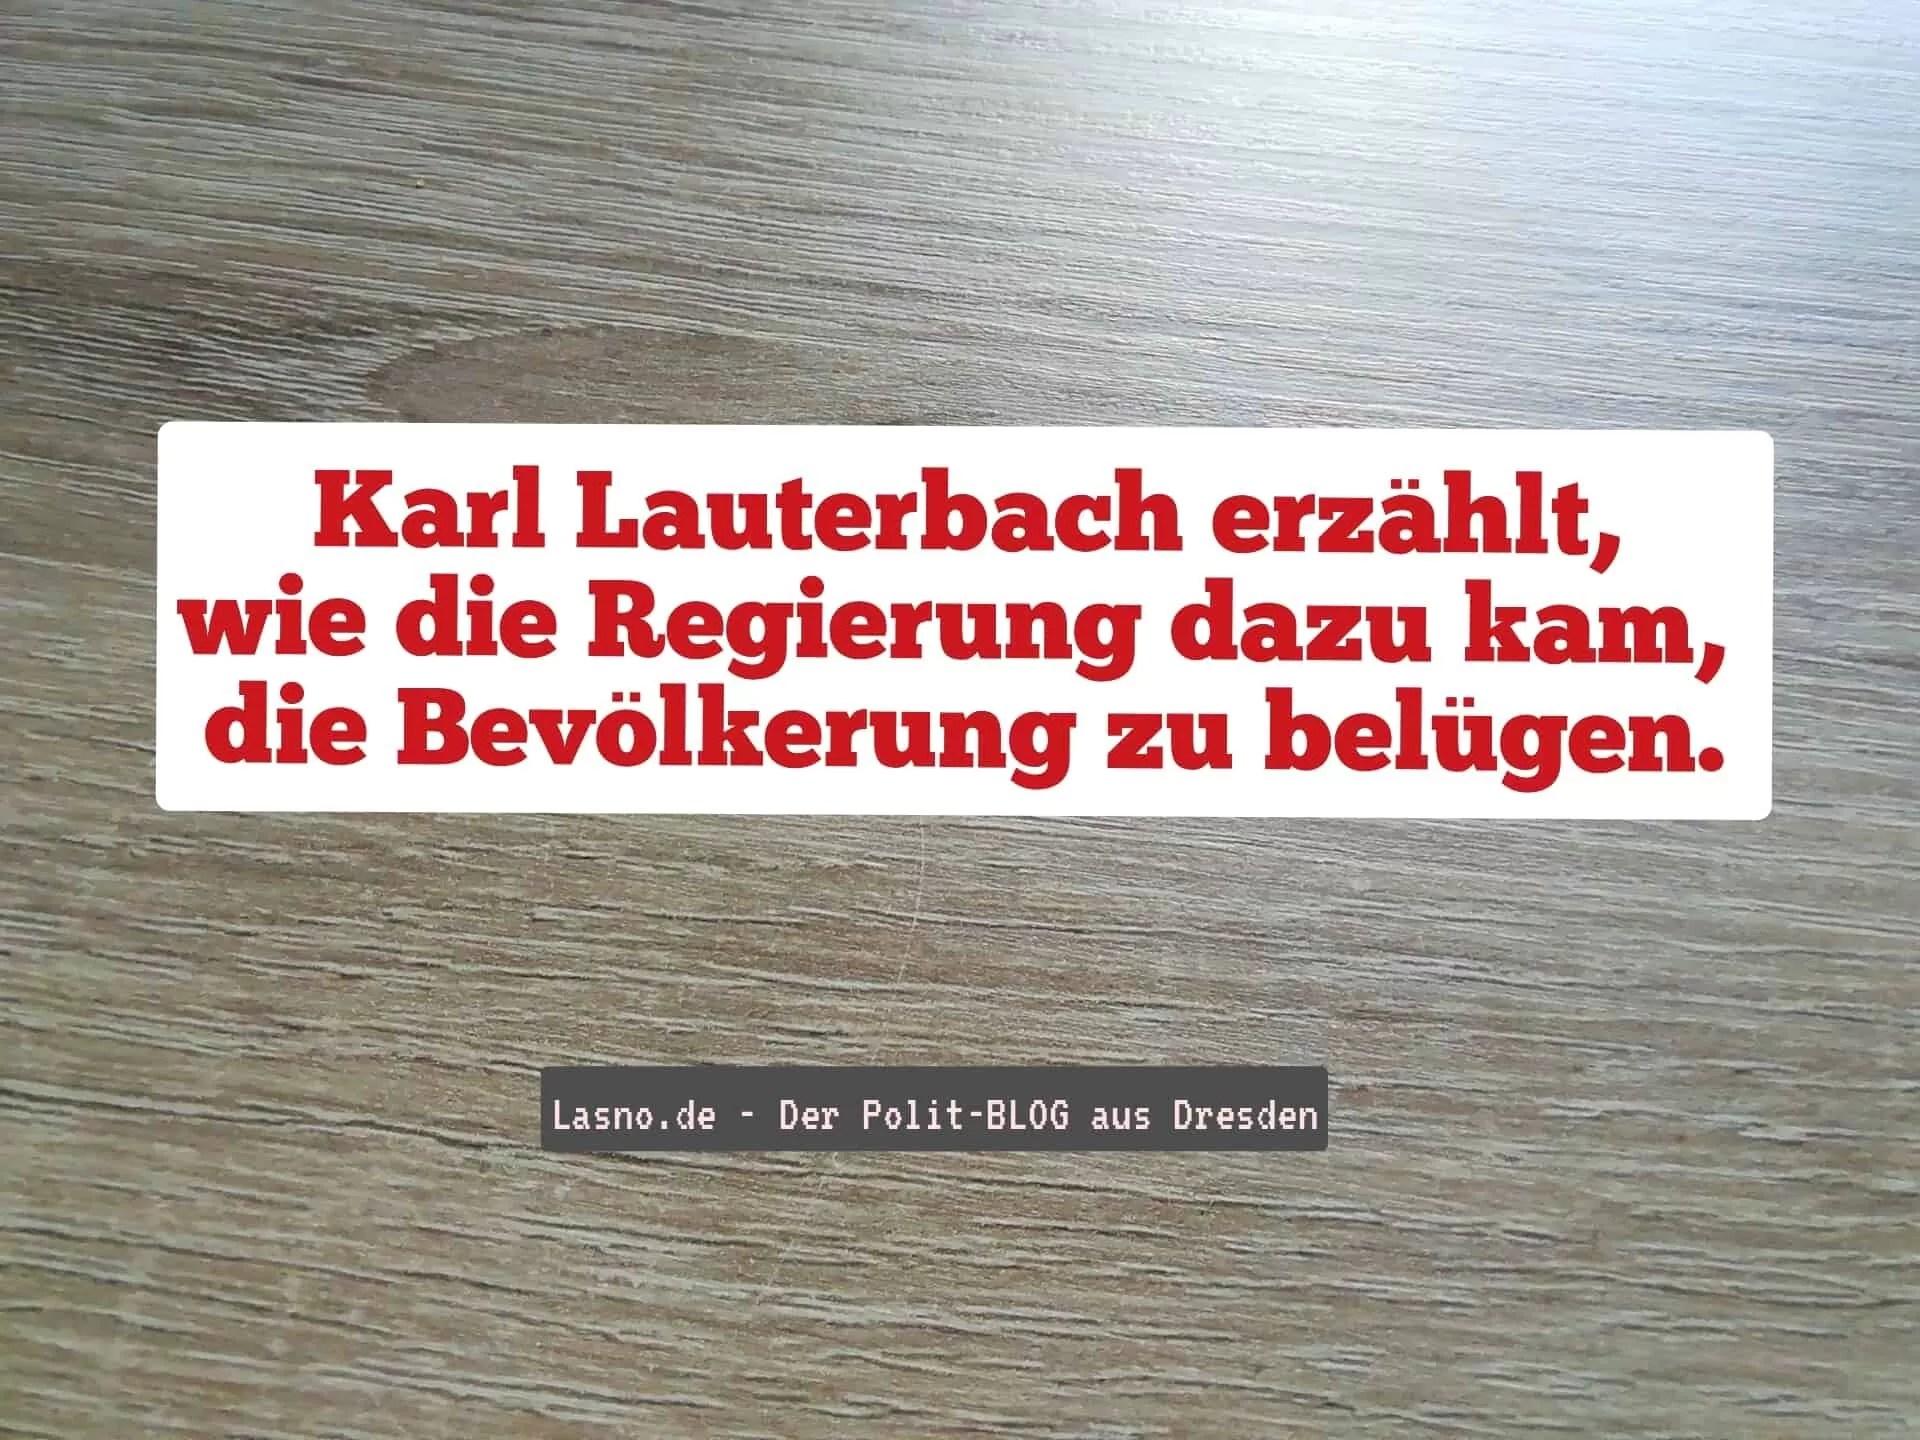 Karl Lauterbach erzählt, wie die Regierung dazu kam die Bevölkerung zu belügen